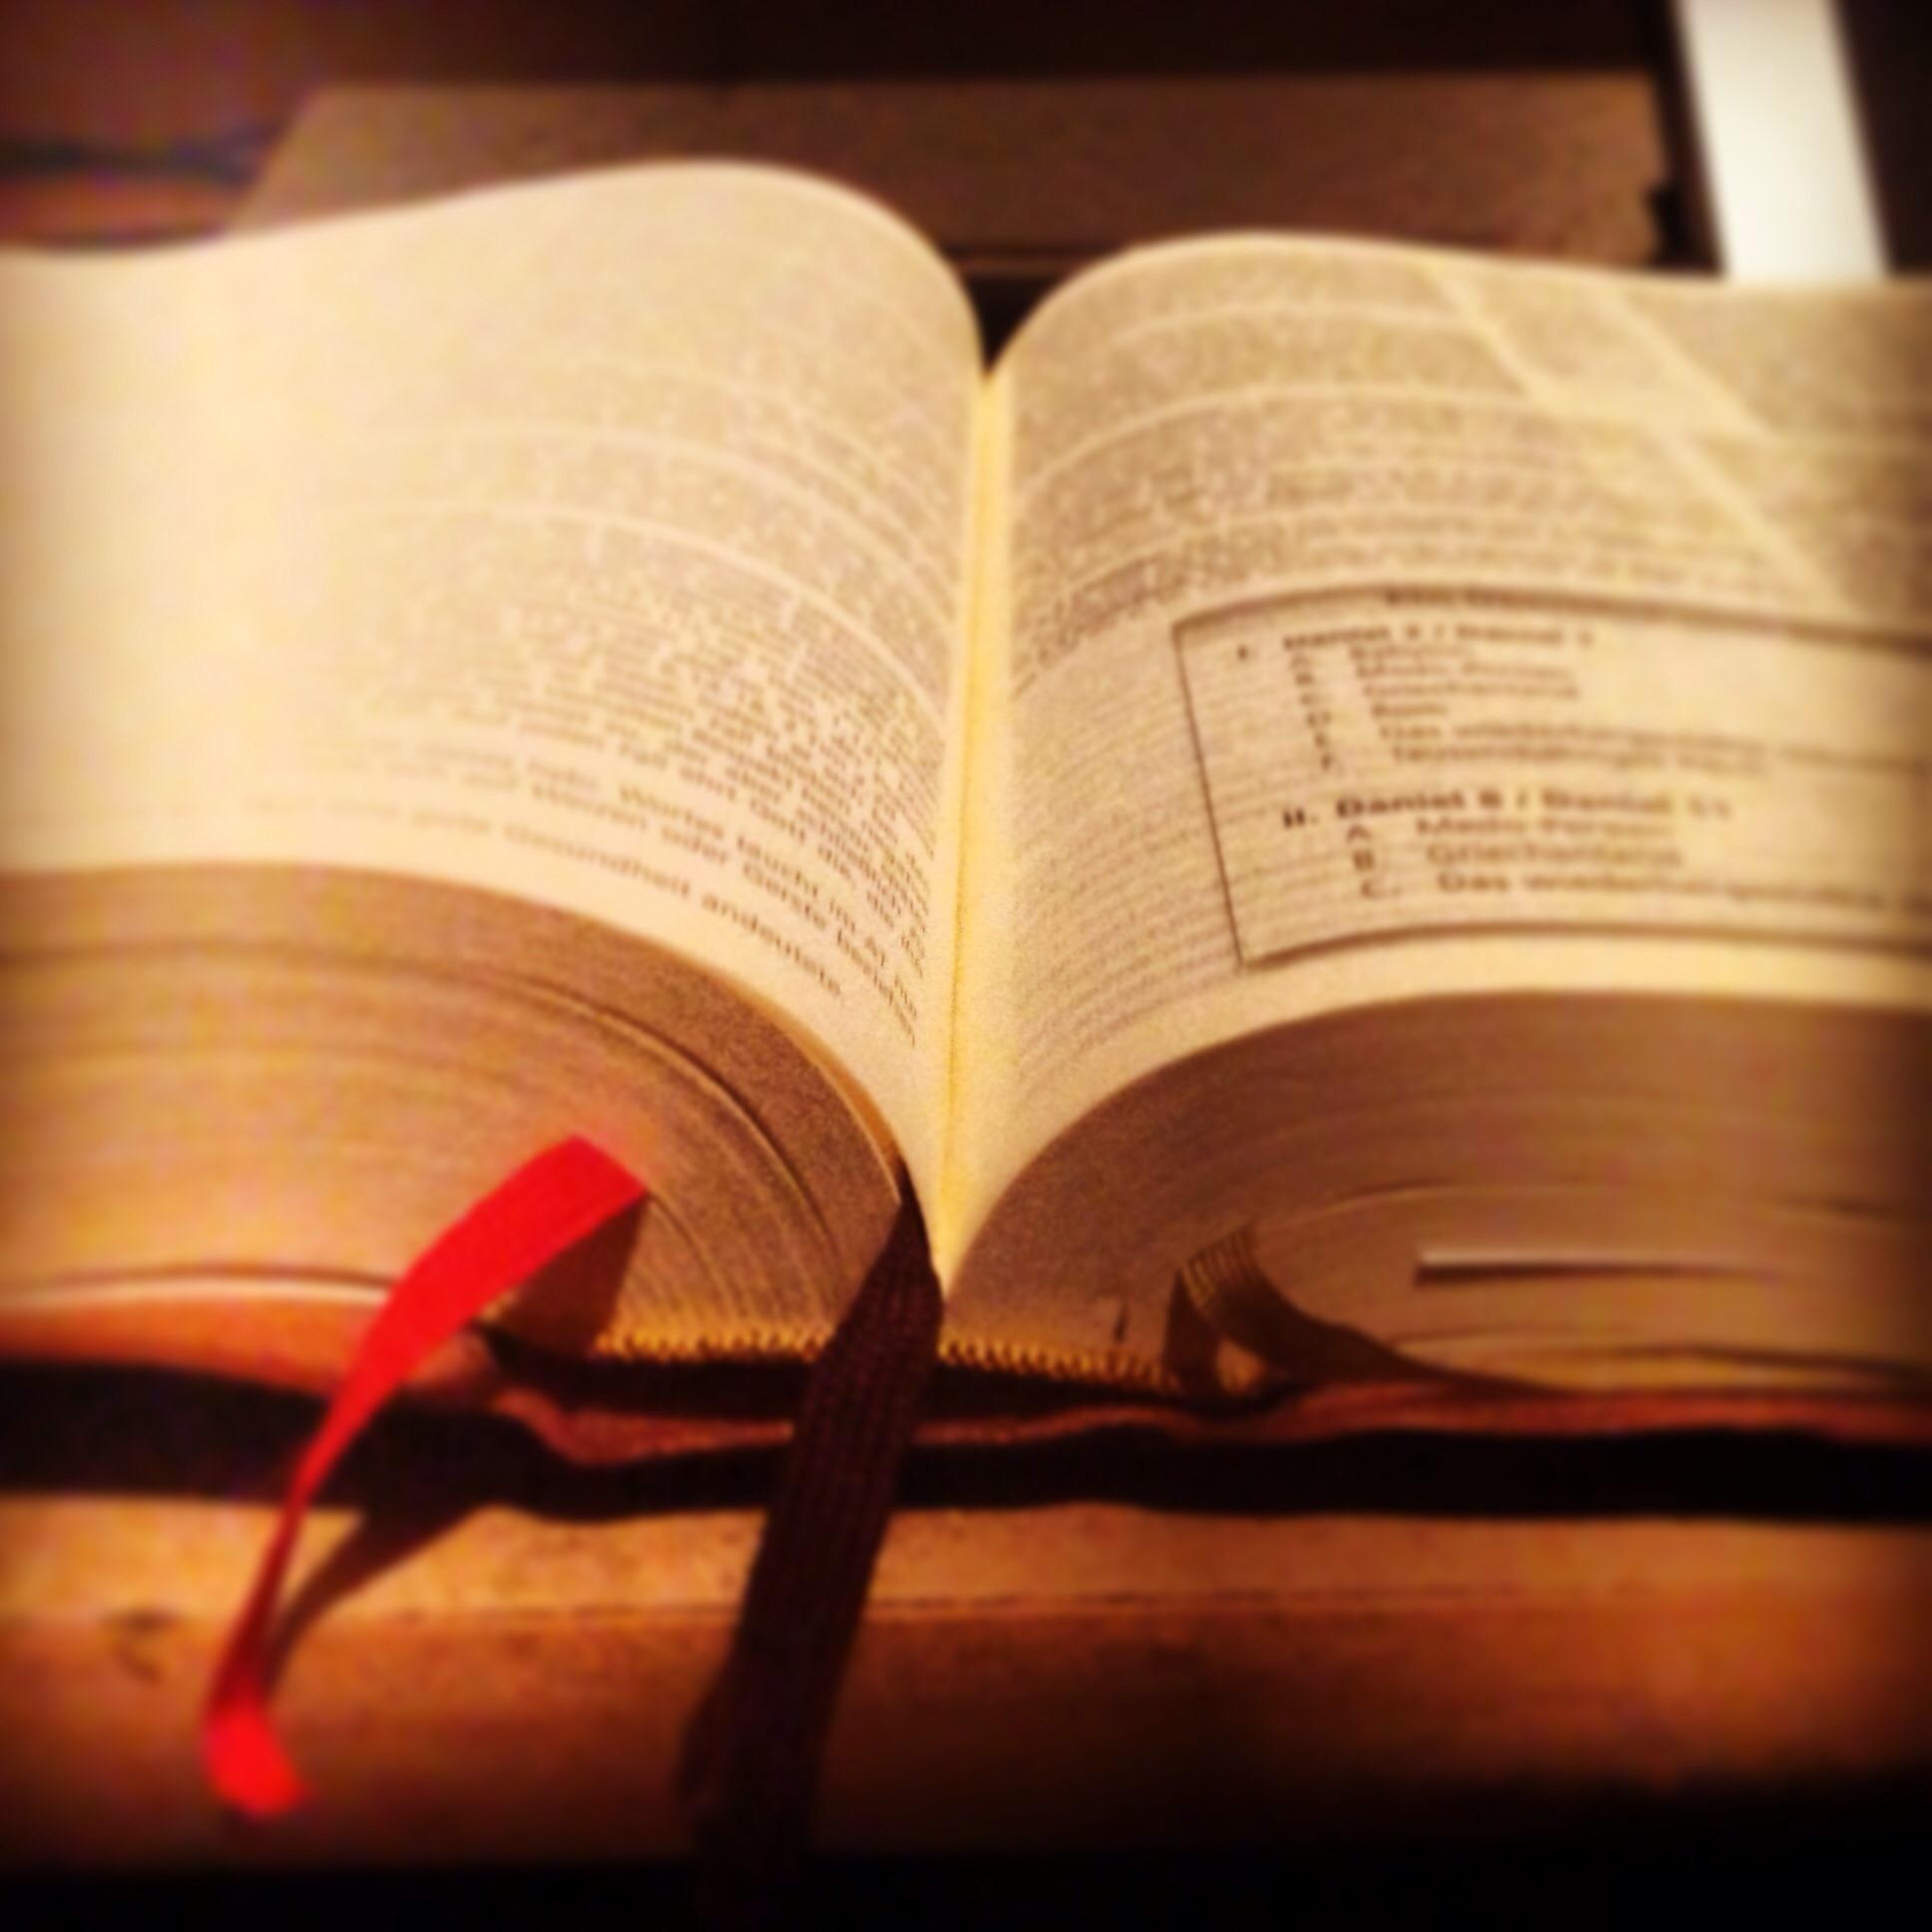 Слово божье книга скачать бесплатно